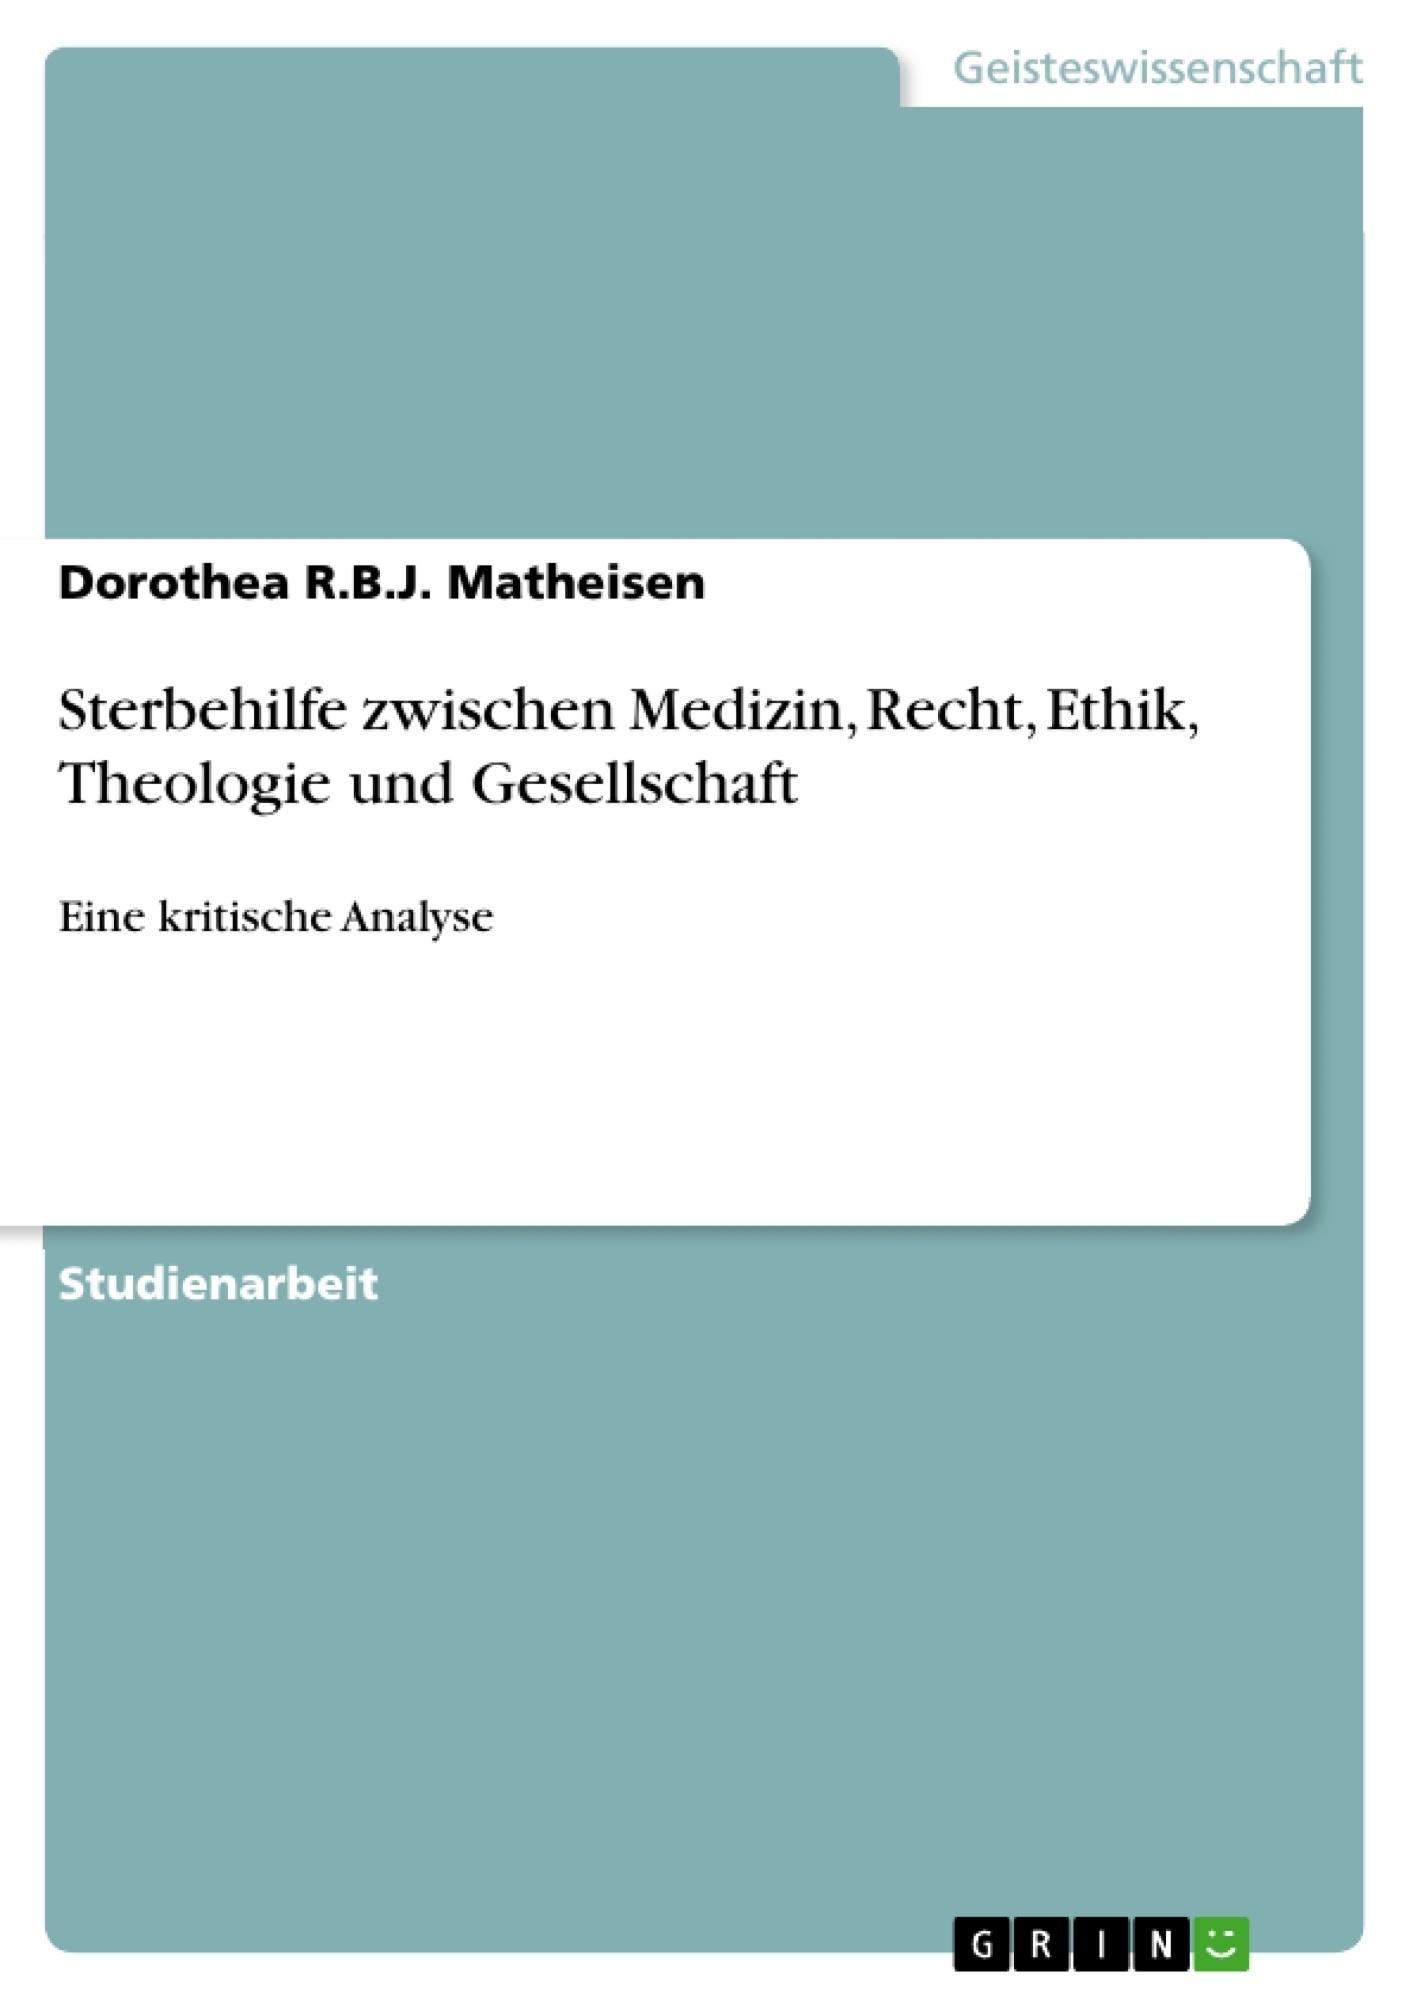 Titel: Sterbehilfe zwischen Medizin, Recht, Ethik, Theologie und Gesellschaft